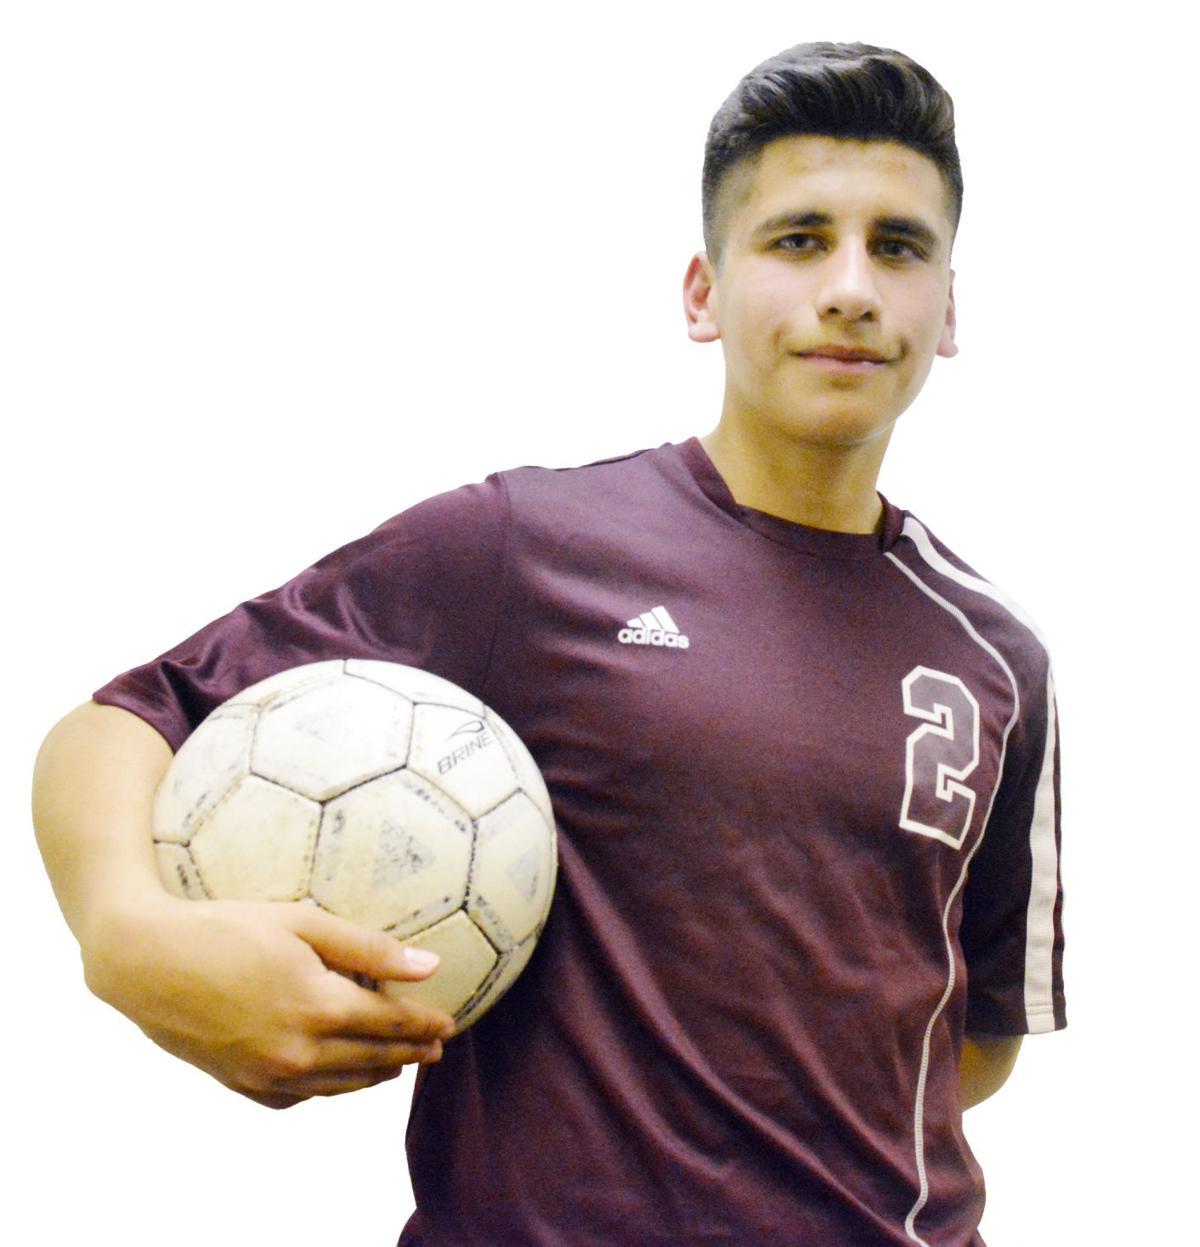 CHS star Rodriguez all about team goals | High School | columbustelegram.com